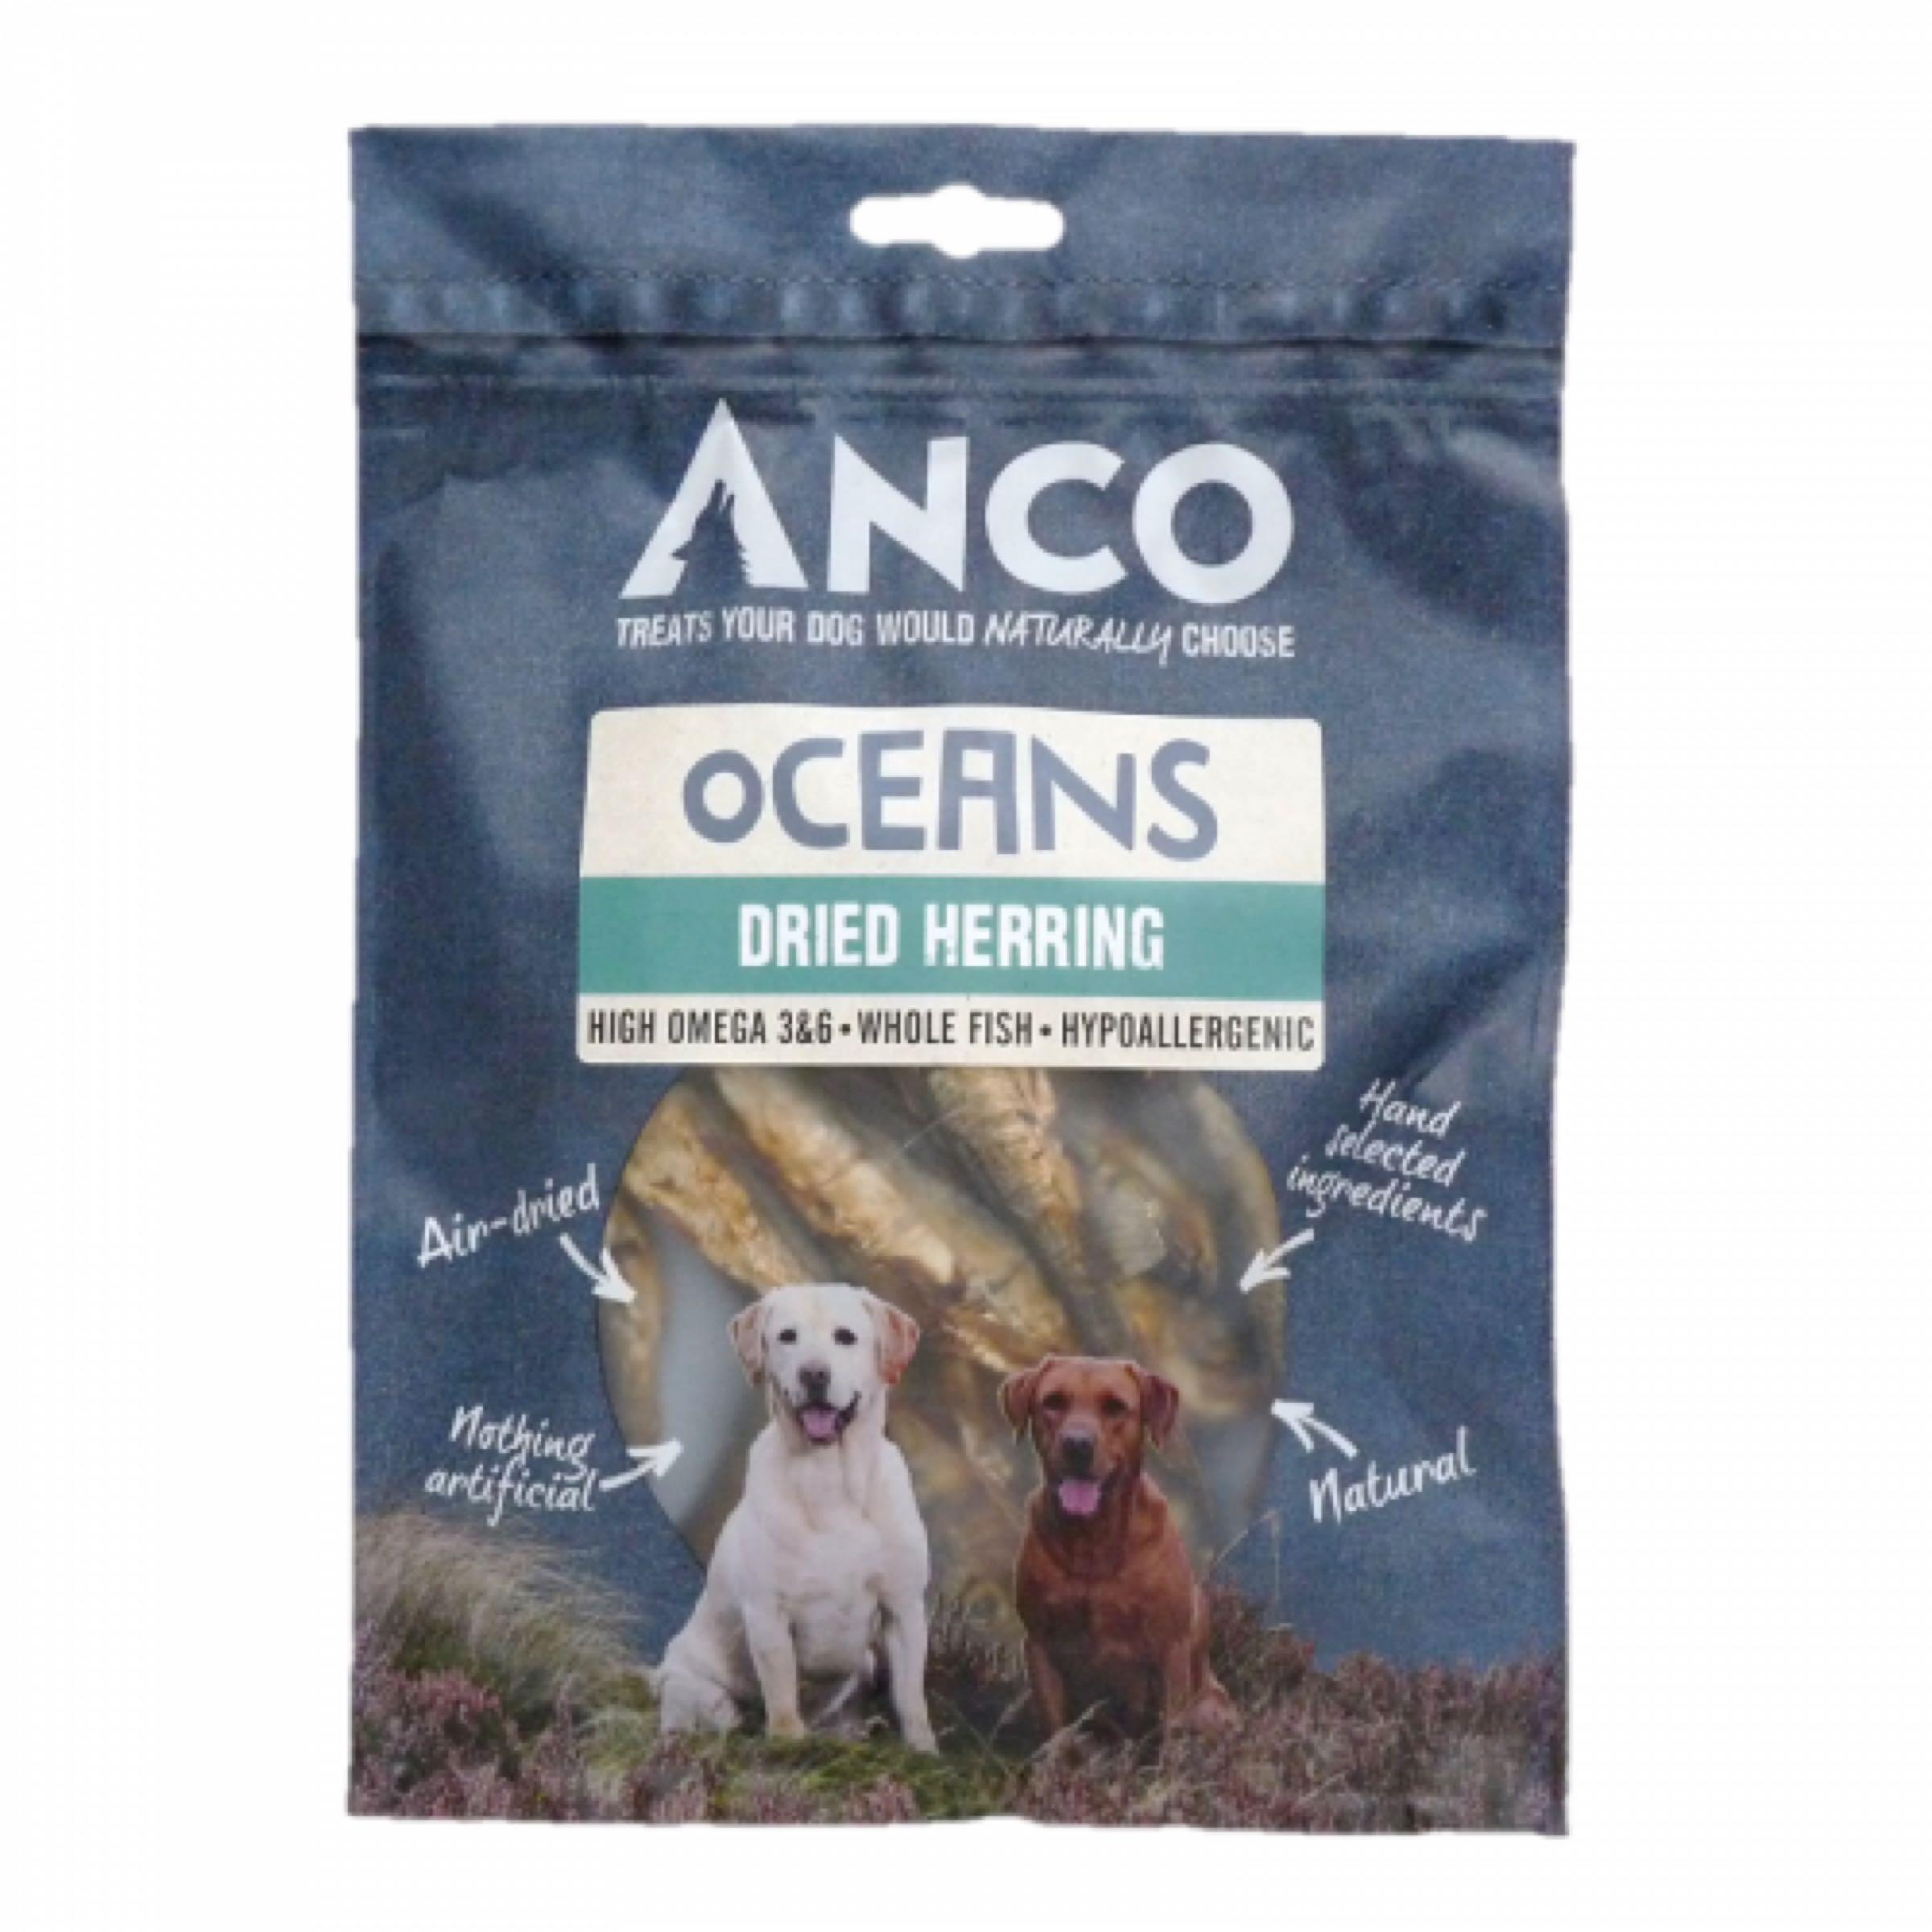 Anco Oceans Dried Herring